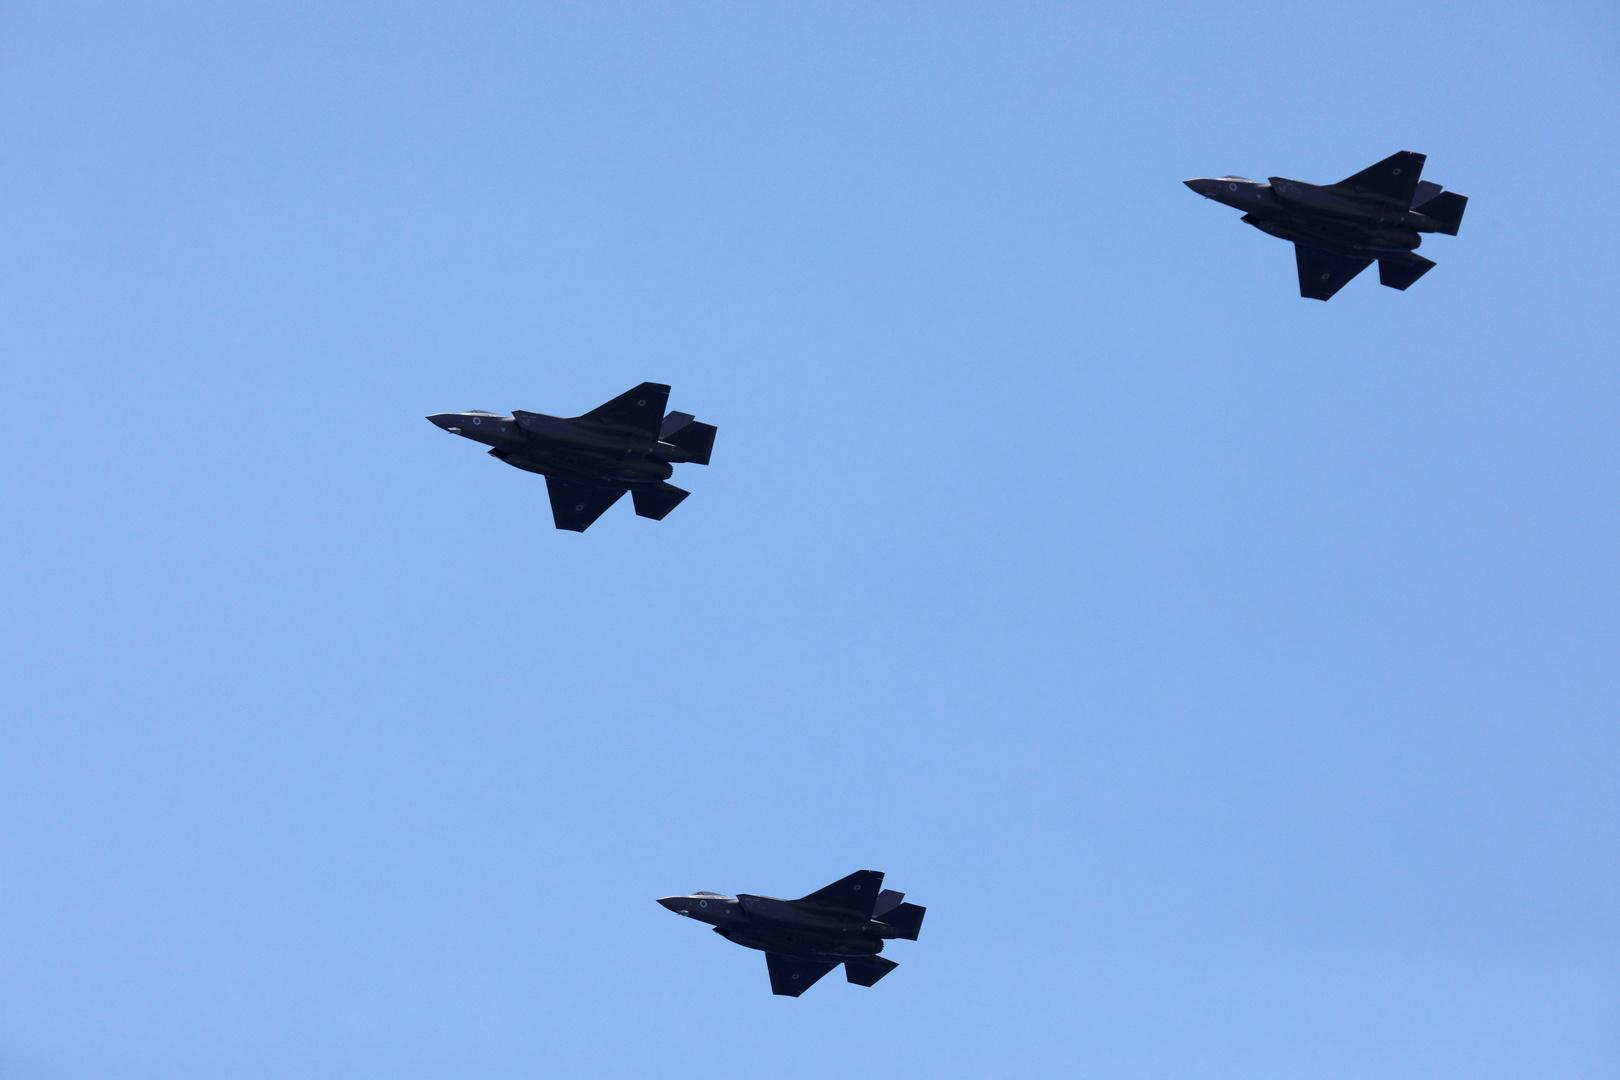 تحليق مكثف للطيران الحربي الإسرائيلي على علو متوسط في أجواء لبنان